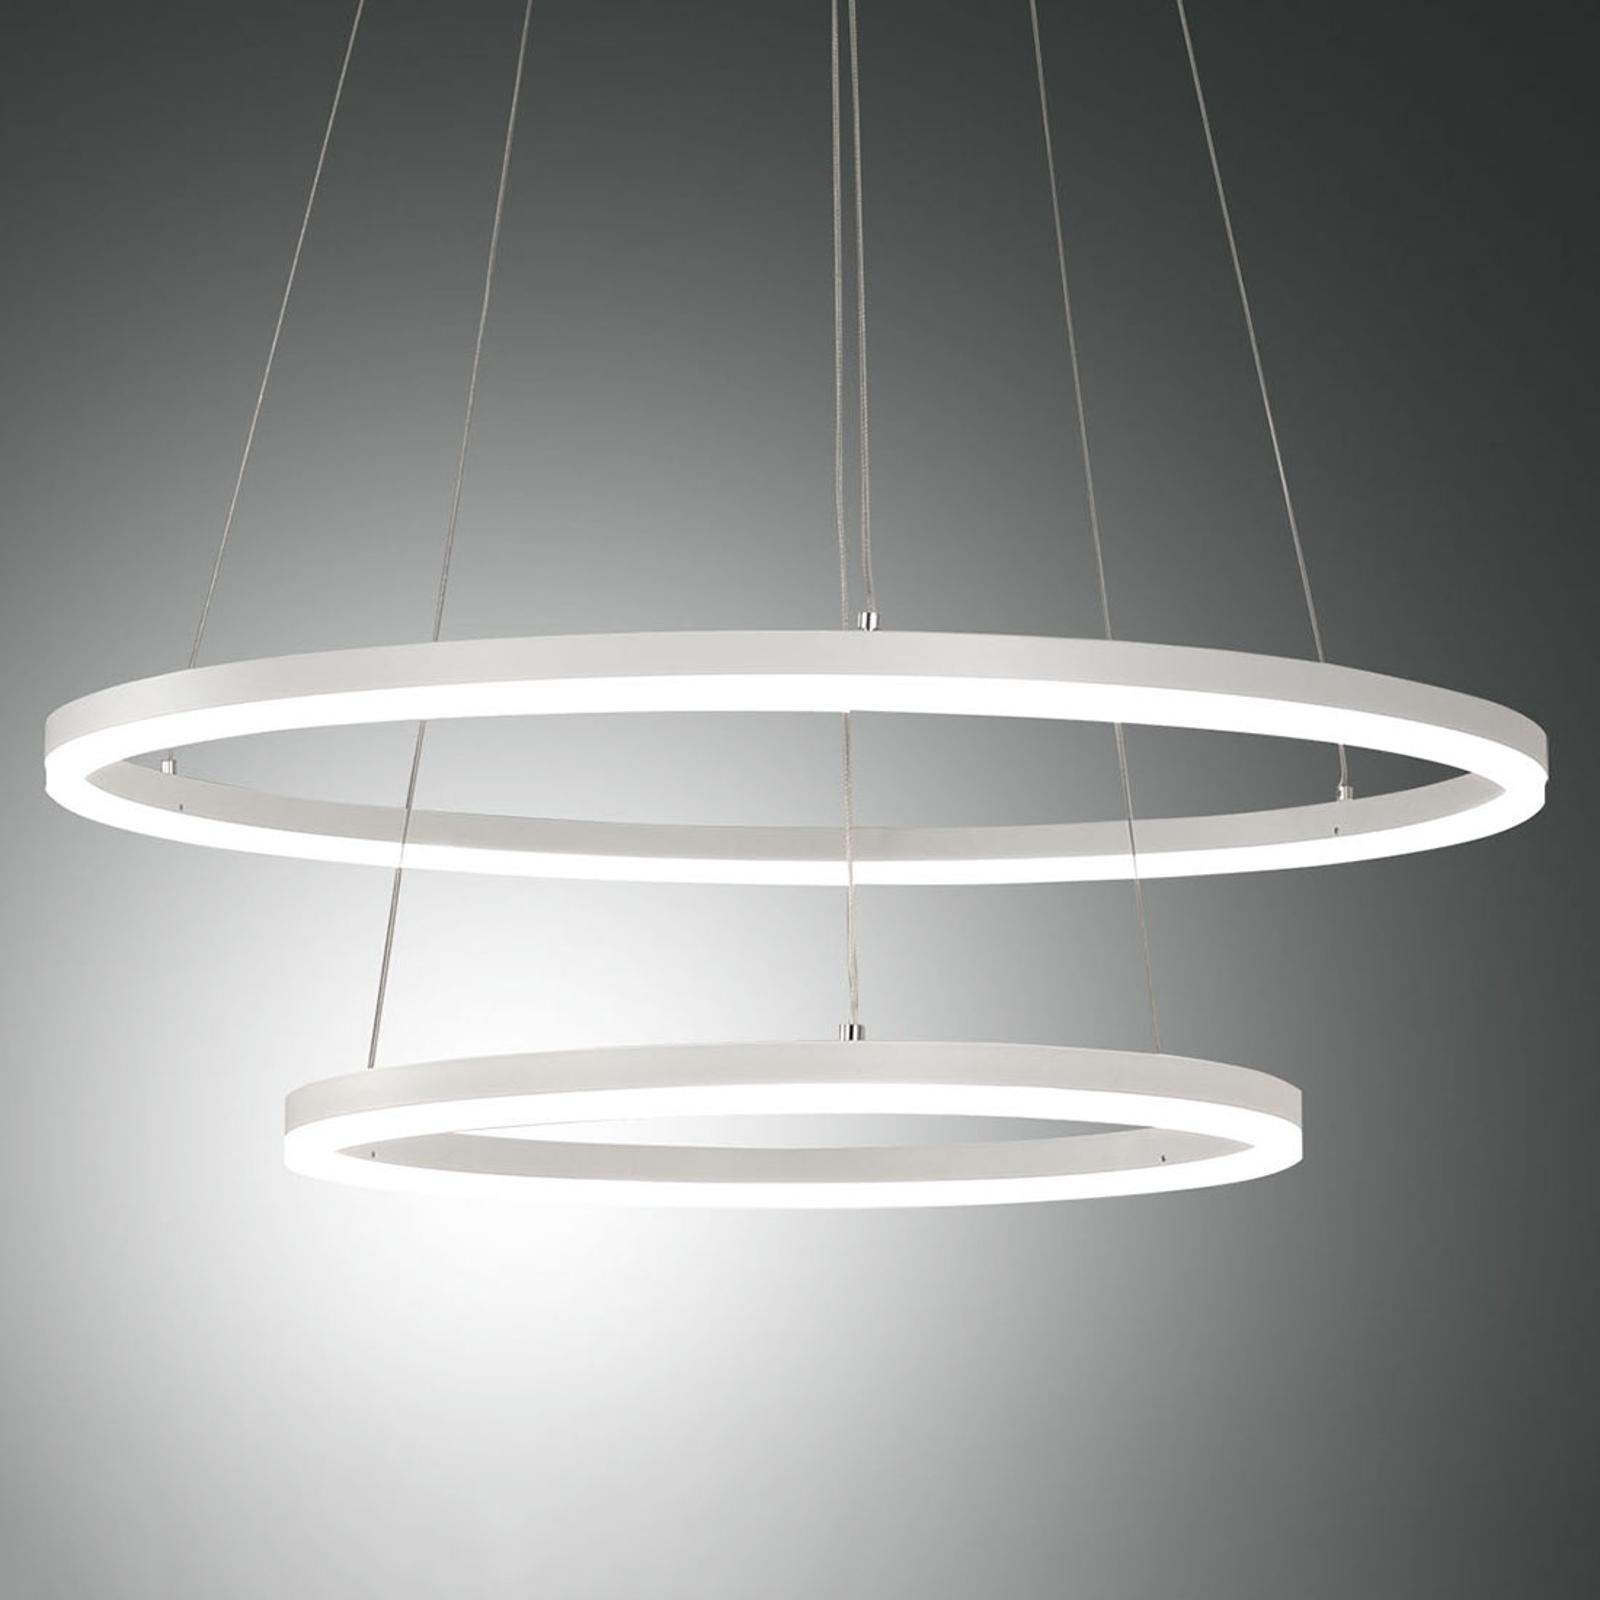 LED-pendellampe Giotto, 2 lyskilder, hvit